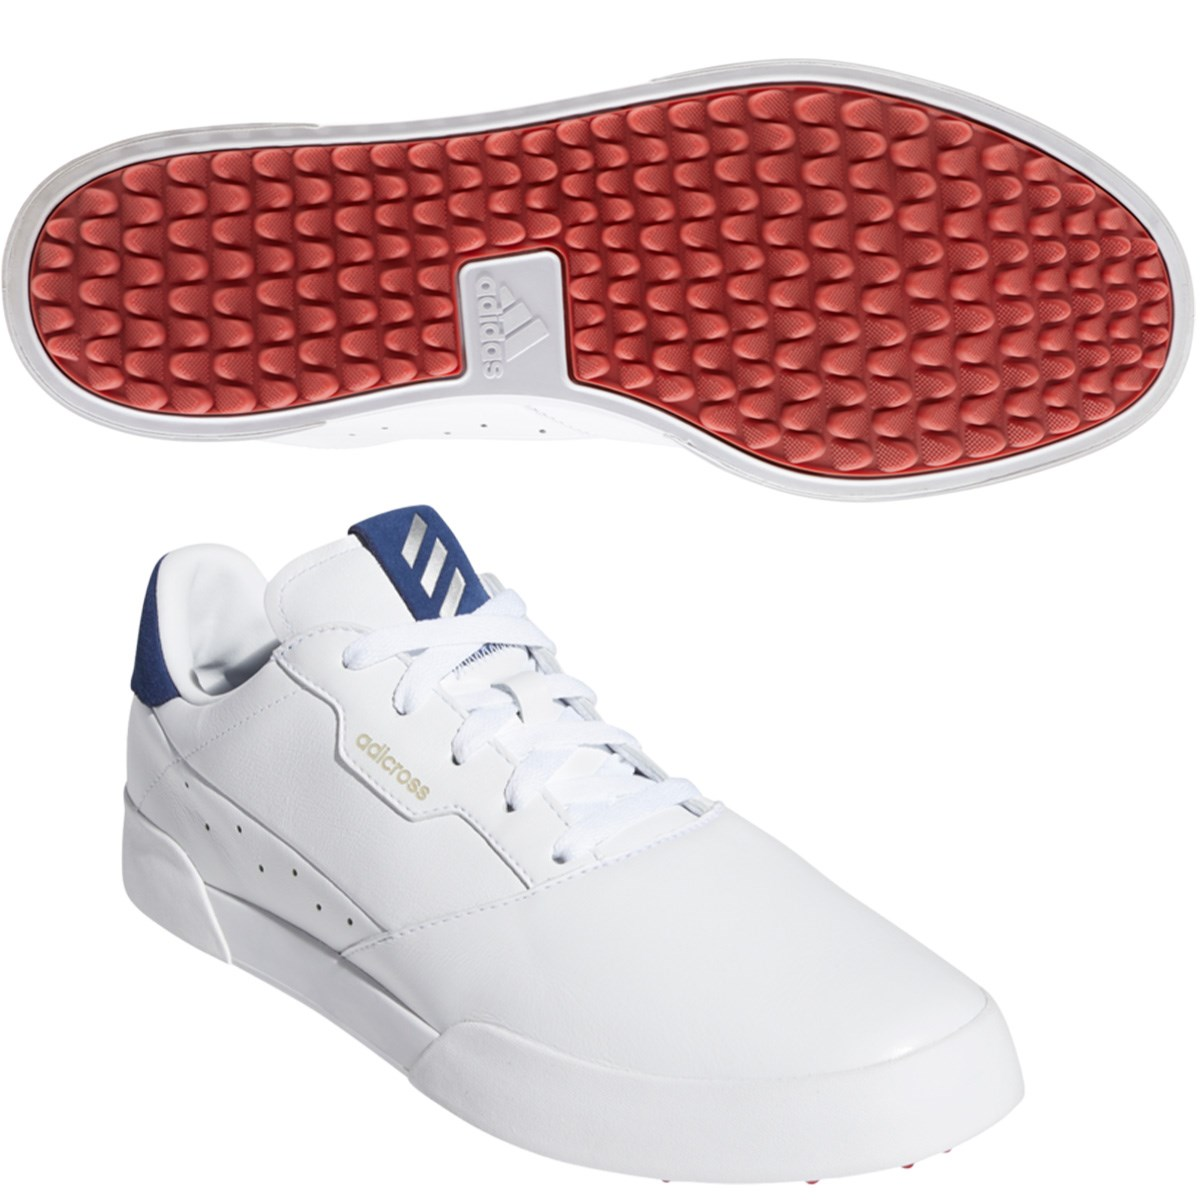 アディダス Adidas アディクロス レトロ シューズ 25cm ホワイト/シルバーメタリック/テックインディゴ